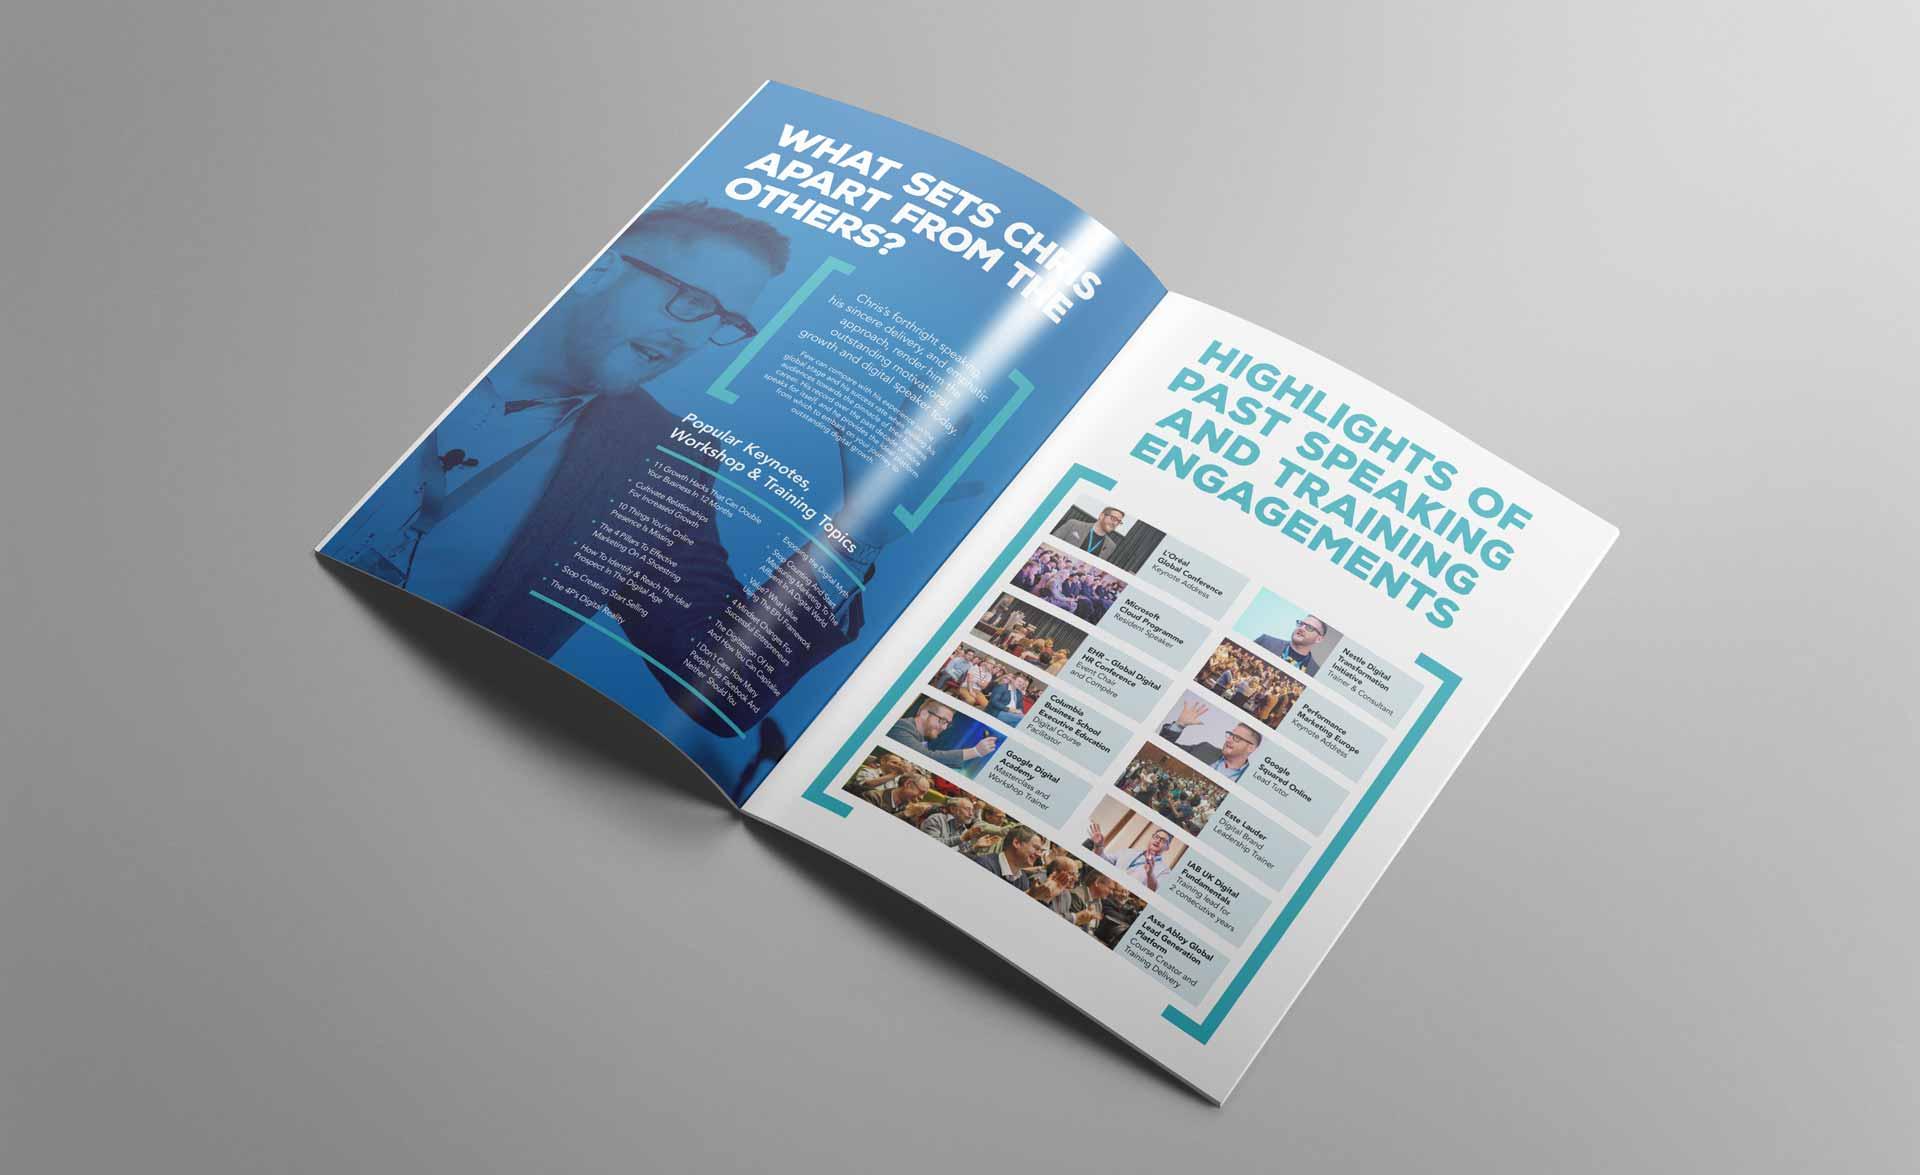 Chris Perks Press Kit Design Inner Spread